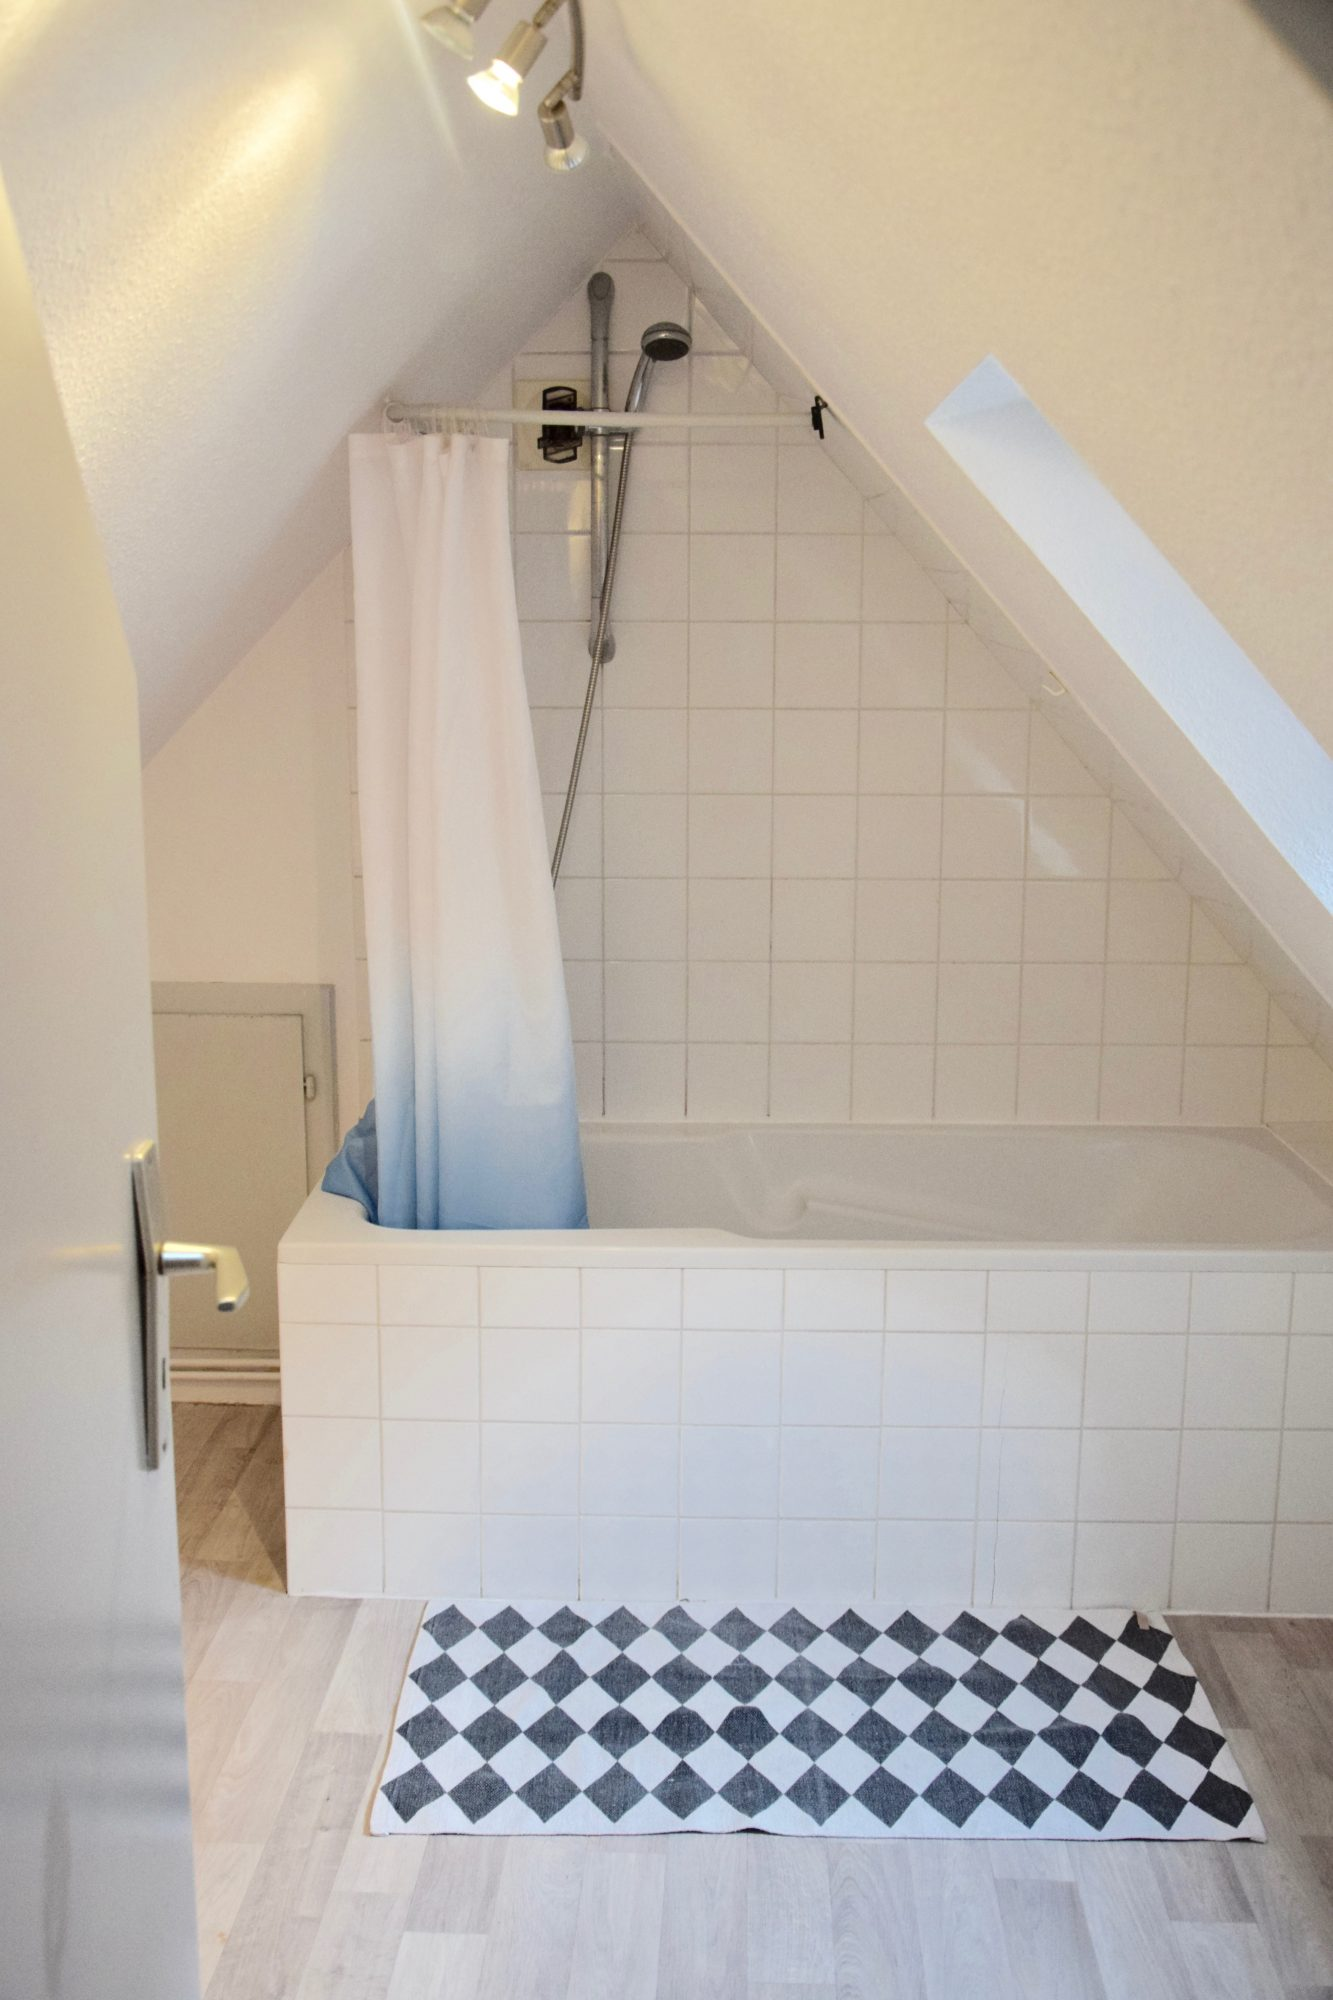 3 PIECES EN DUPLEX GRANDE ÎLE - Devenez locataire en toute sérénité - Bintz Immobilier - 9